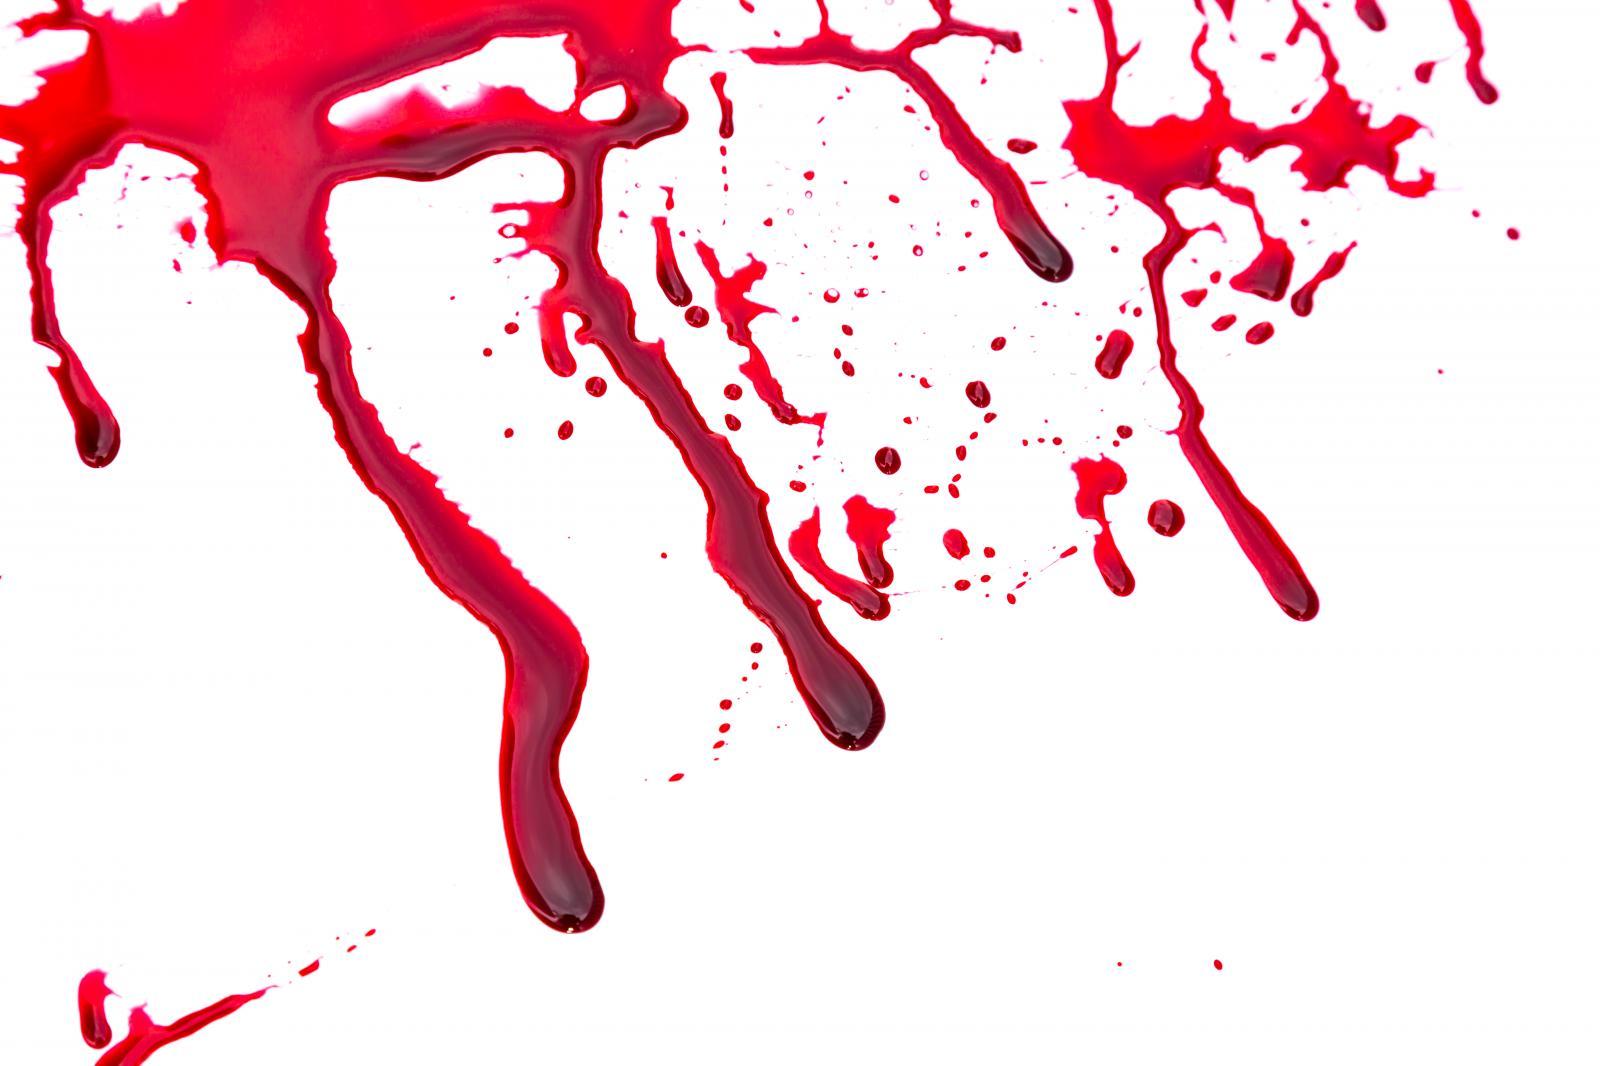 Acidentes de trabalho matam mais do que guerras